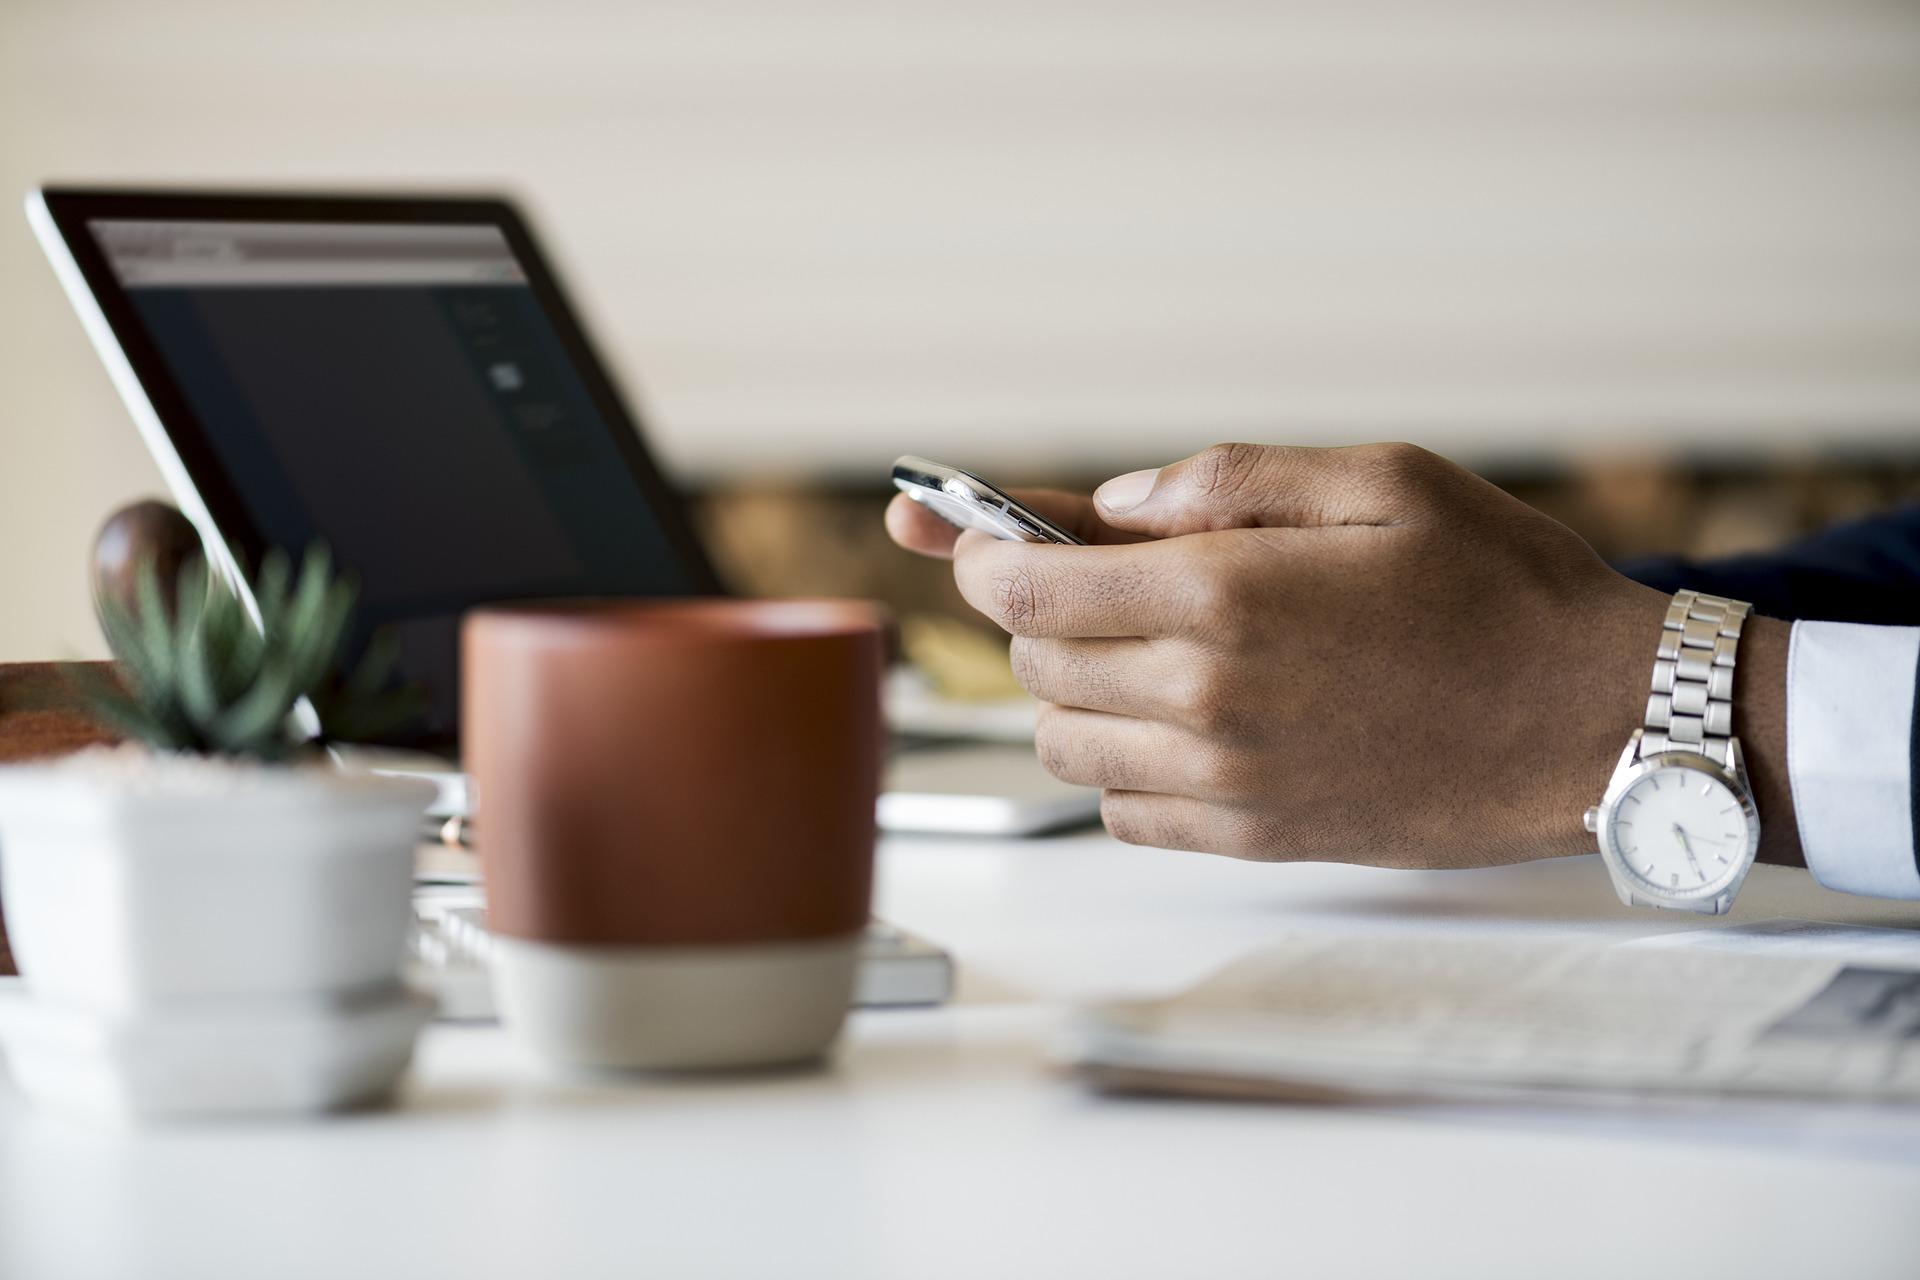 Kilka niezawodnych powodów, dla których potrzebujesz notyfikacji web push